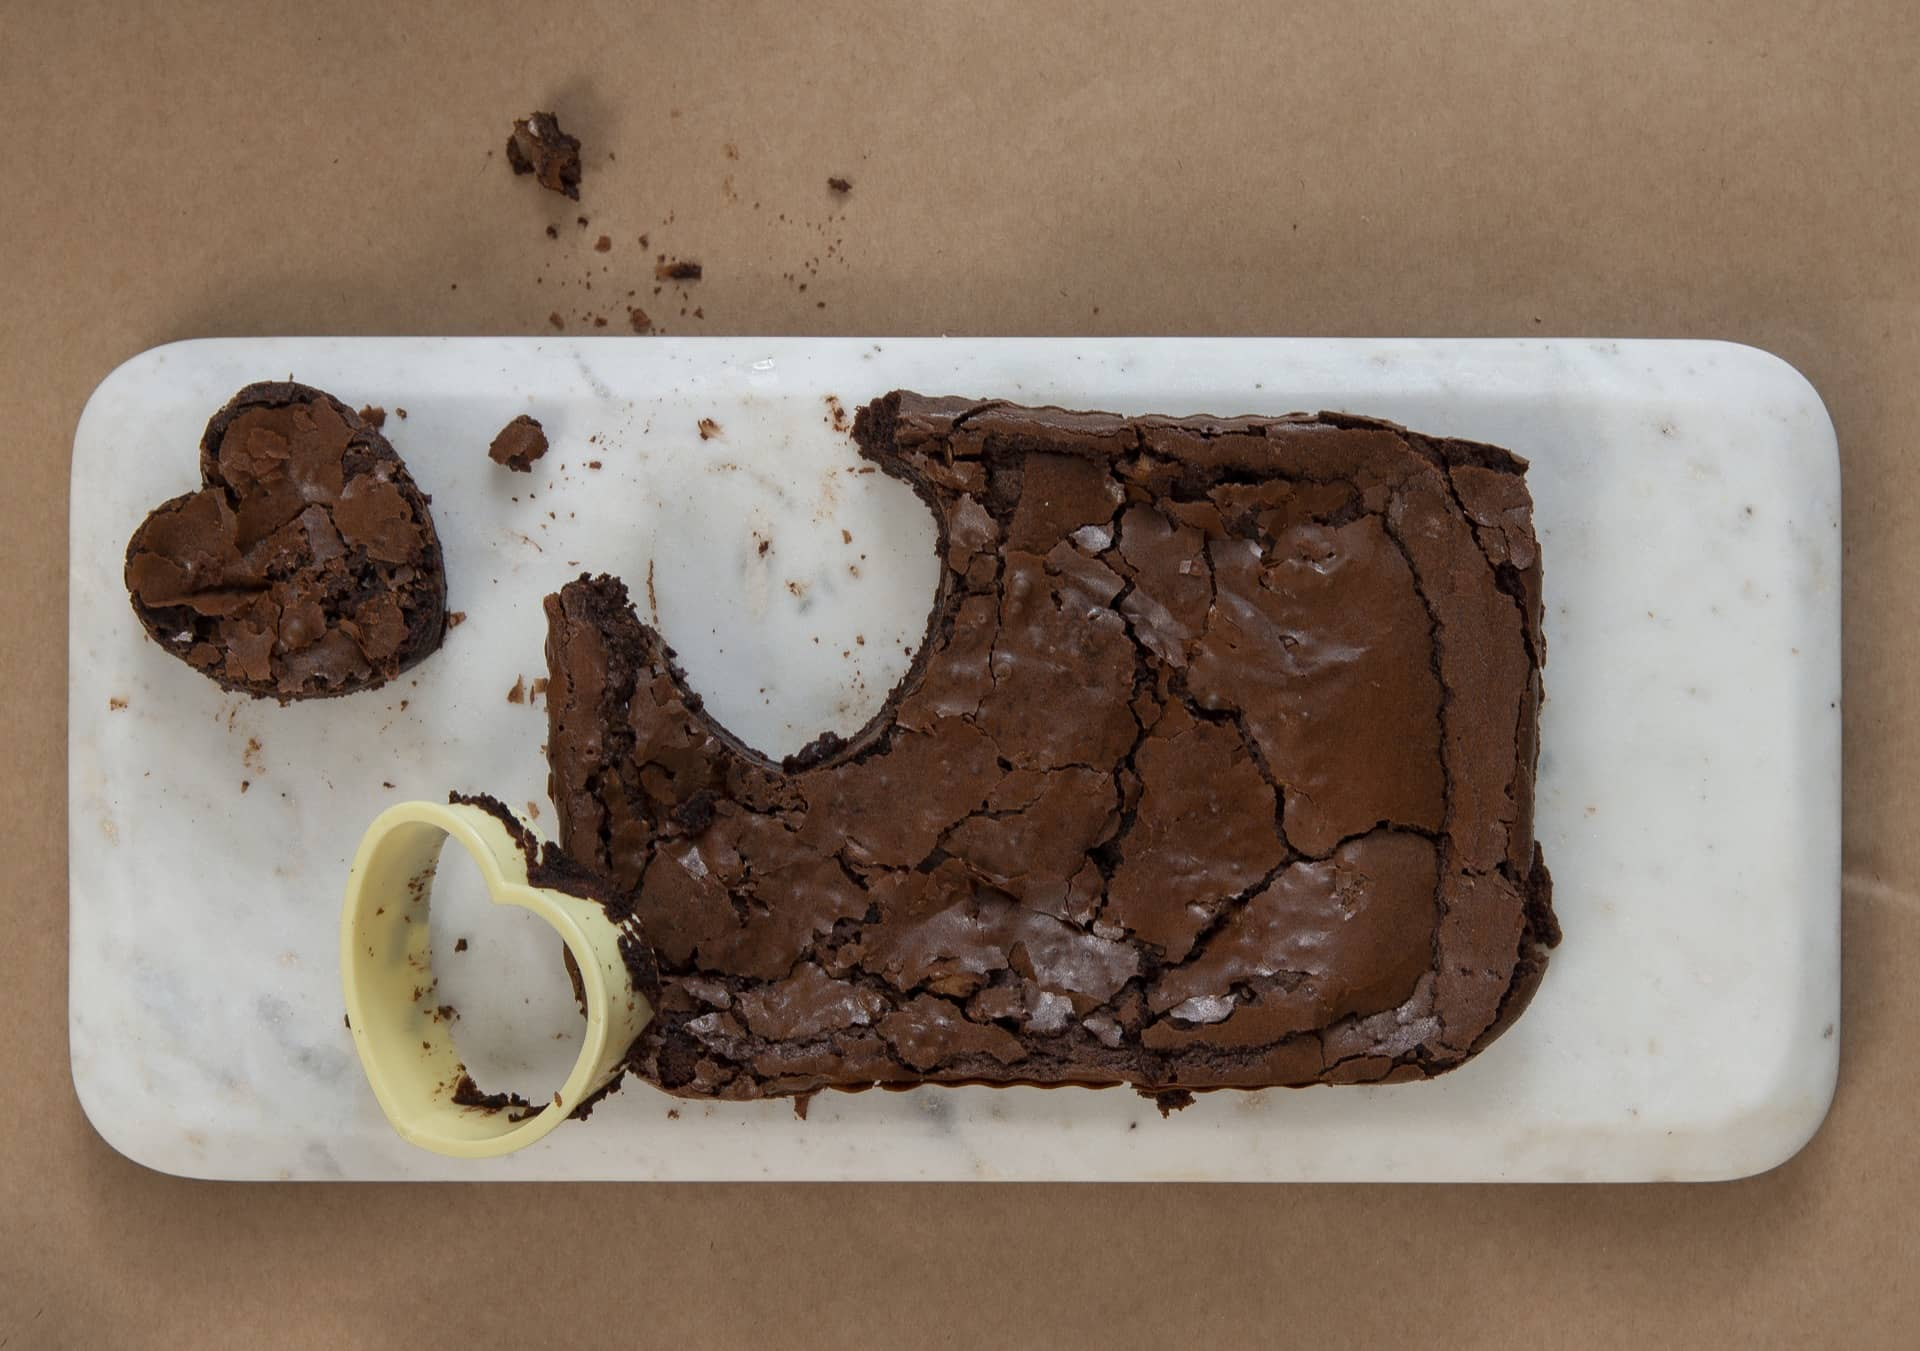 Passo 3: retire o brownie recortado, limpe o cortador e faça os outros corações. Foto: Cacá Bratke